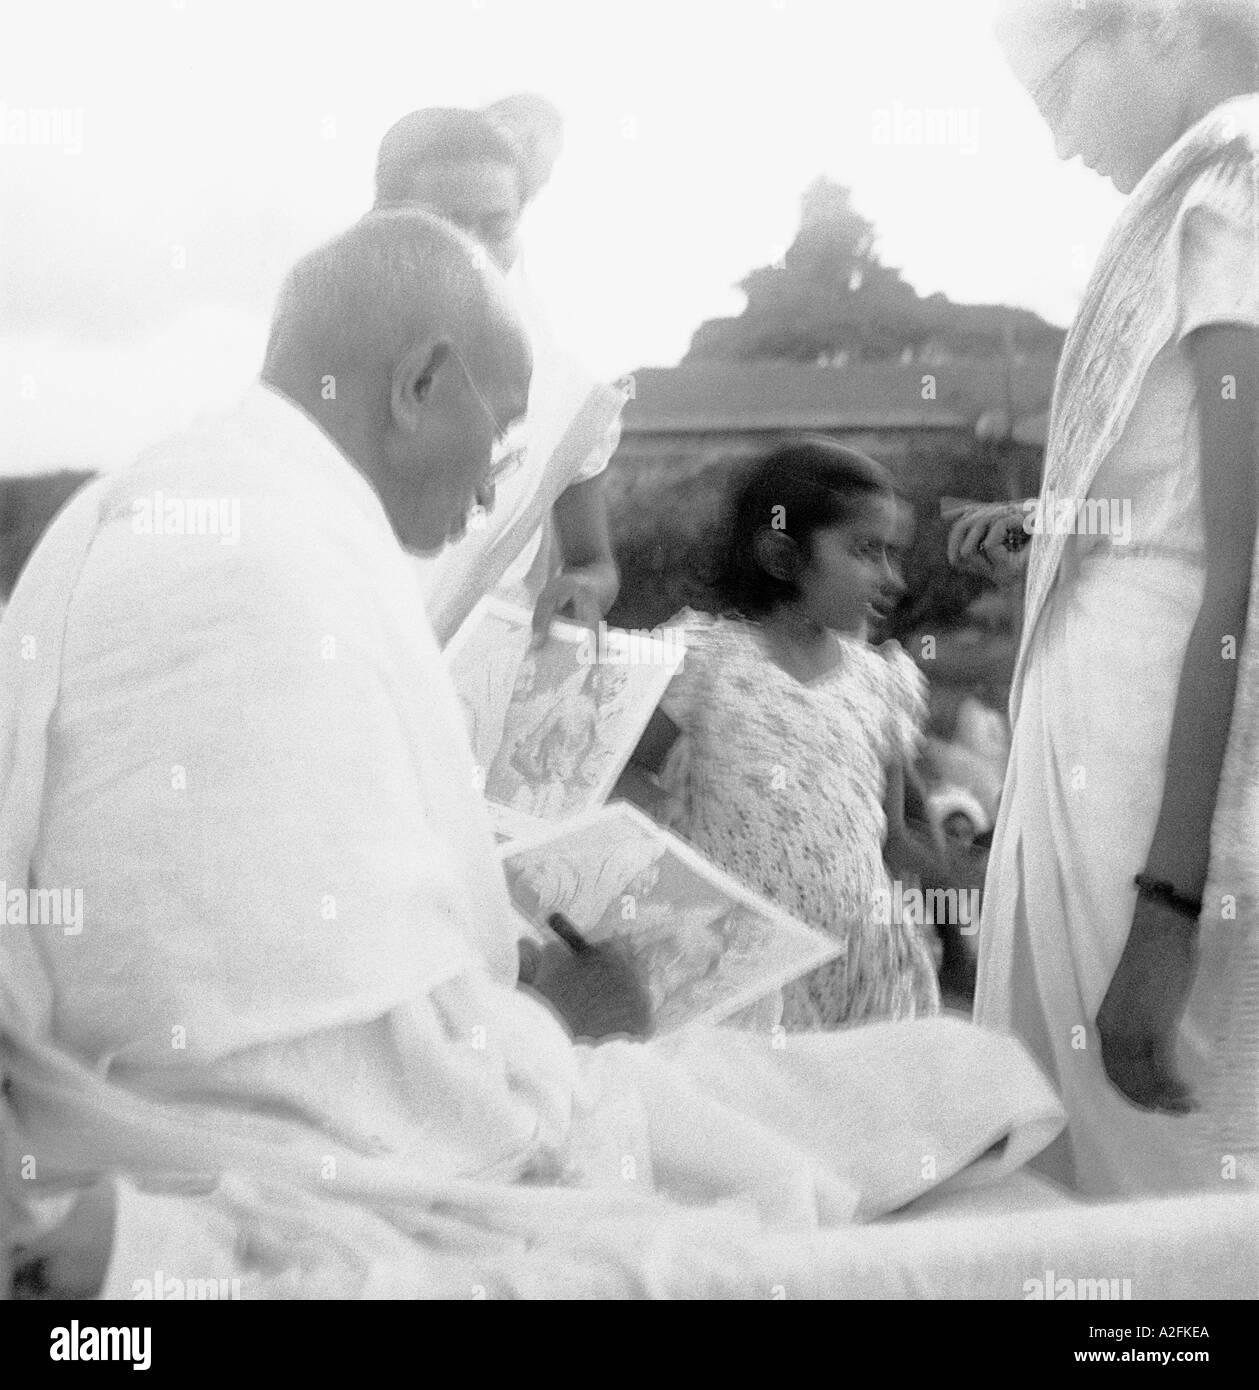 MKG33477 Mahatma Gandhi dando un autografo sul suo settantacinquesimo compleanno a Pune Maharashtra India 2 Ottobre 1944 Immagini Stock